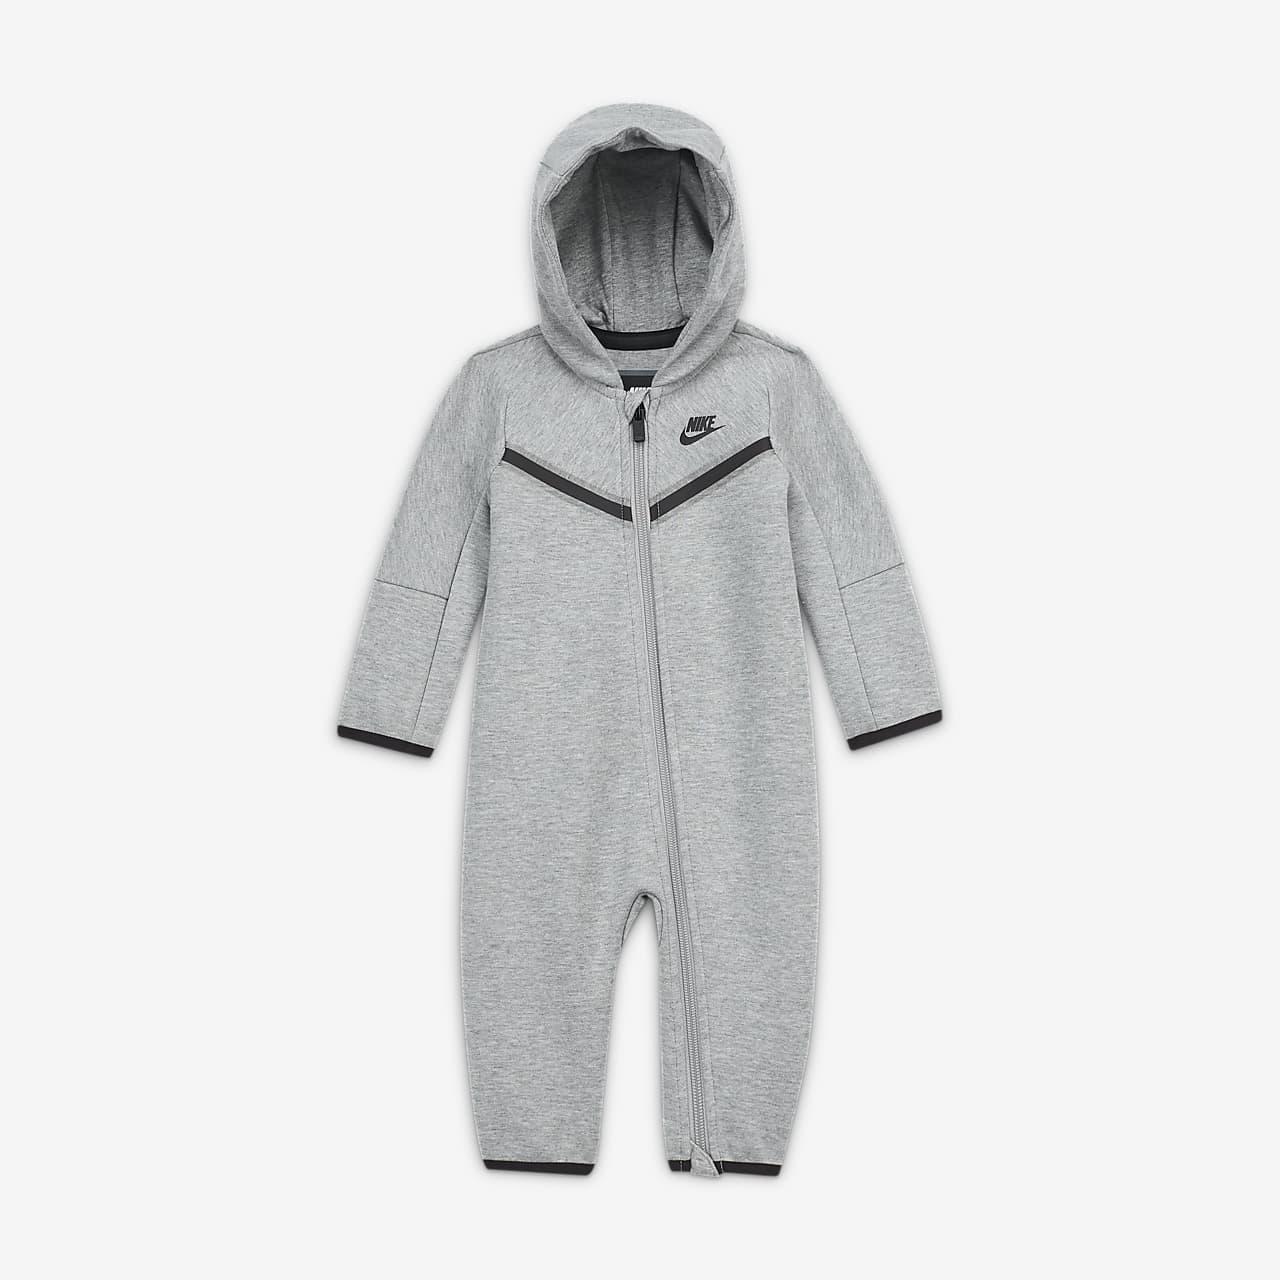 Nike Sportswear Tech Fleece Baby (0-9M